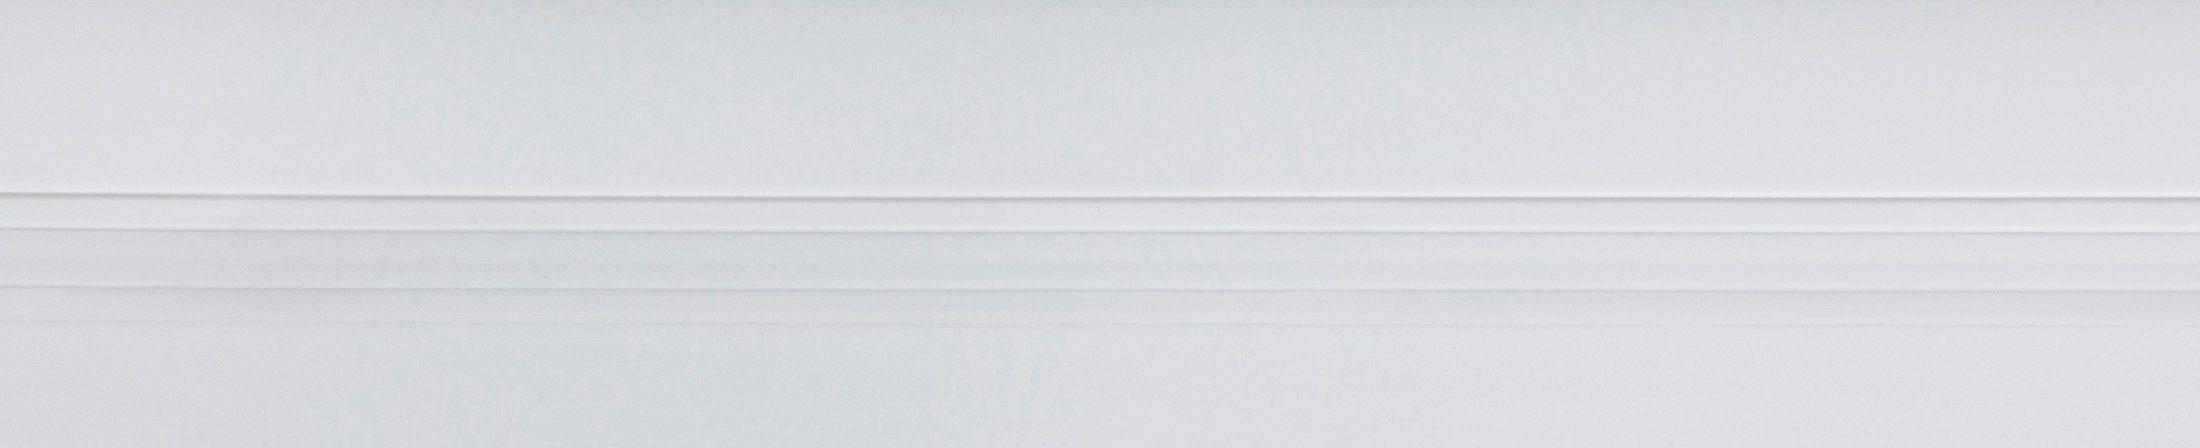 BAUKULIT Sparset: Flexprofil »MOTIVO«, Eck- Abschluss- und Stossverbindungen Grau, 3 Rollen = 9 m